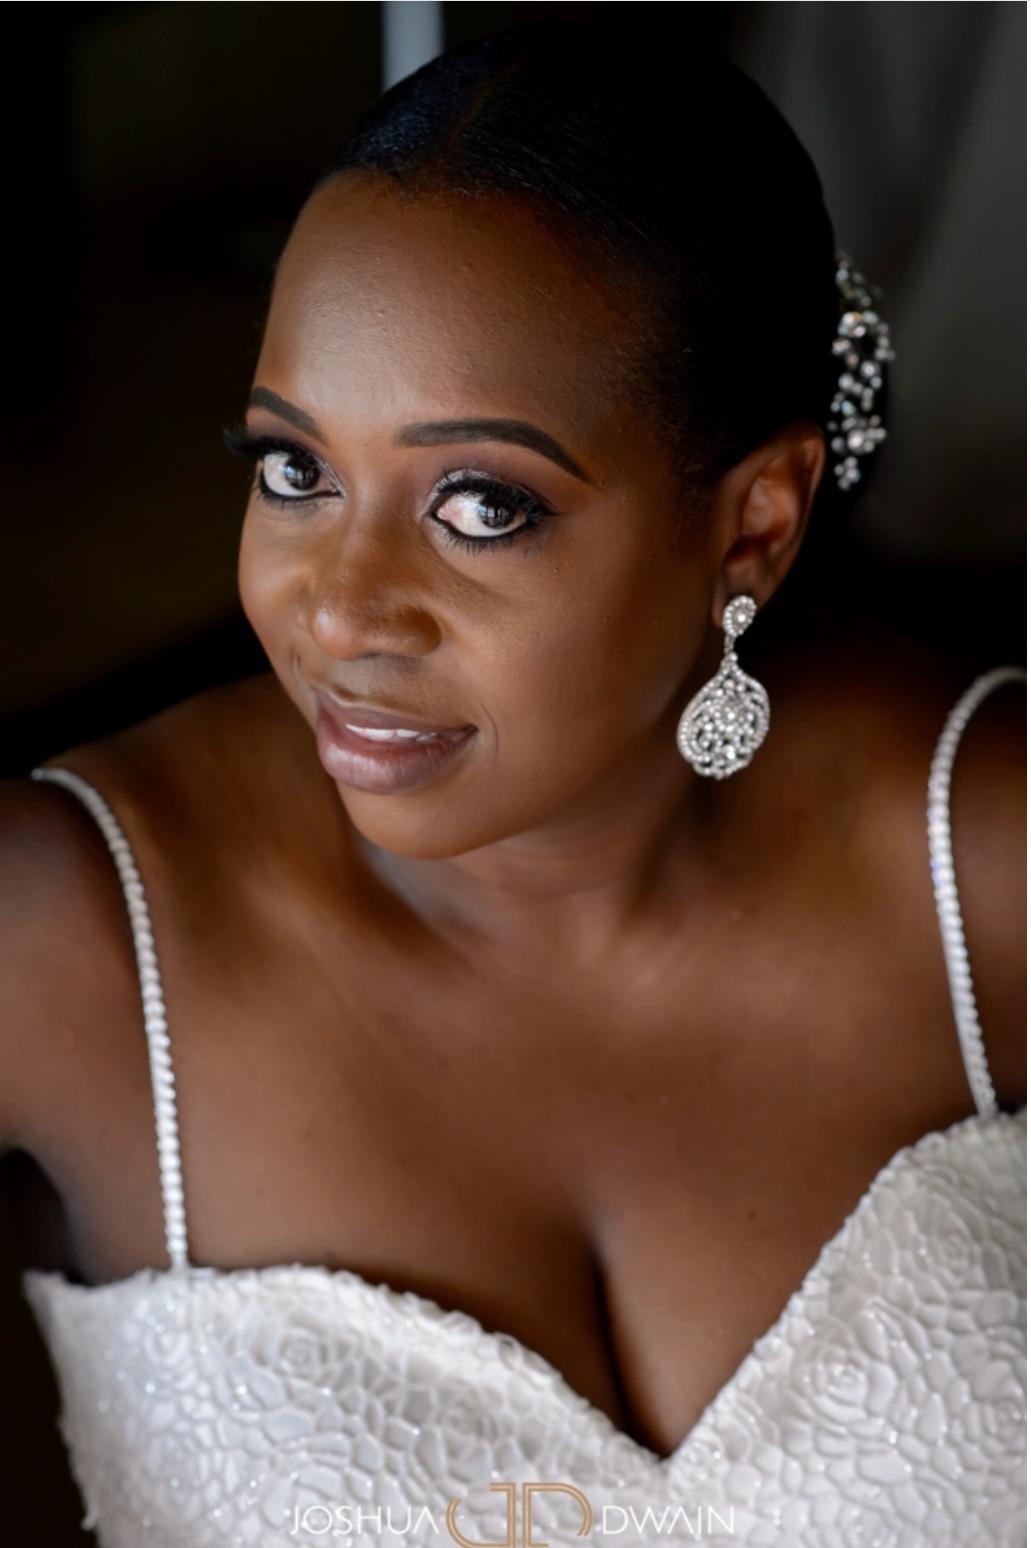 Binta Elise Luxury Travel Wedding Makeup